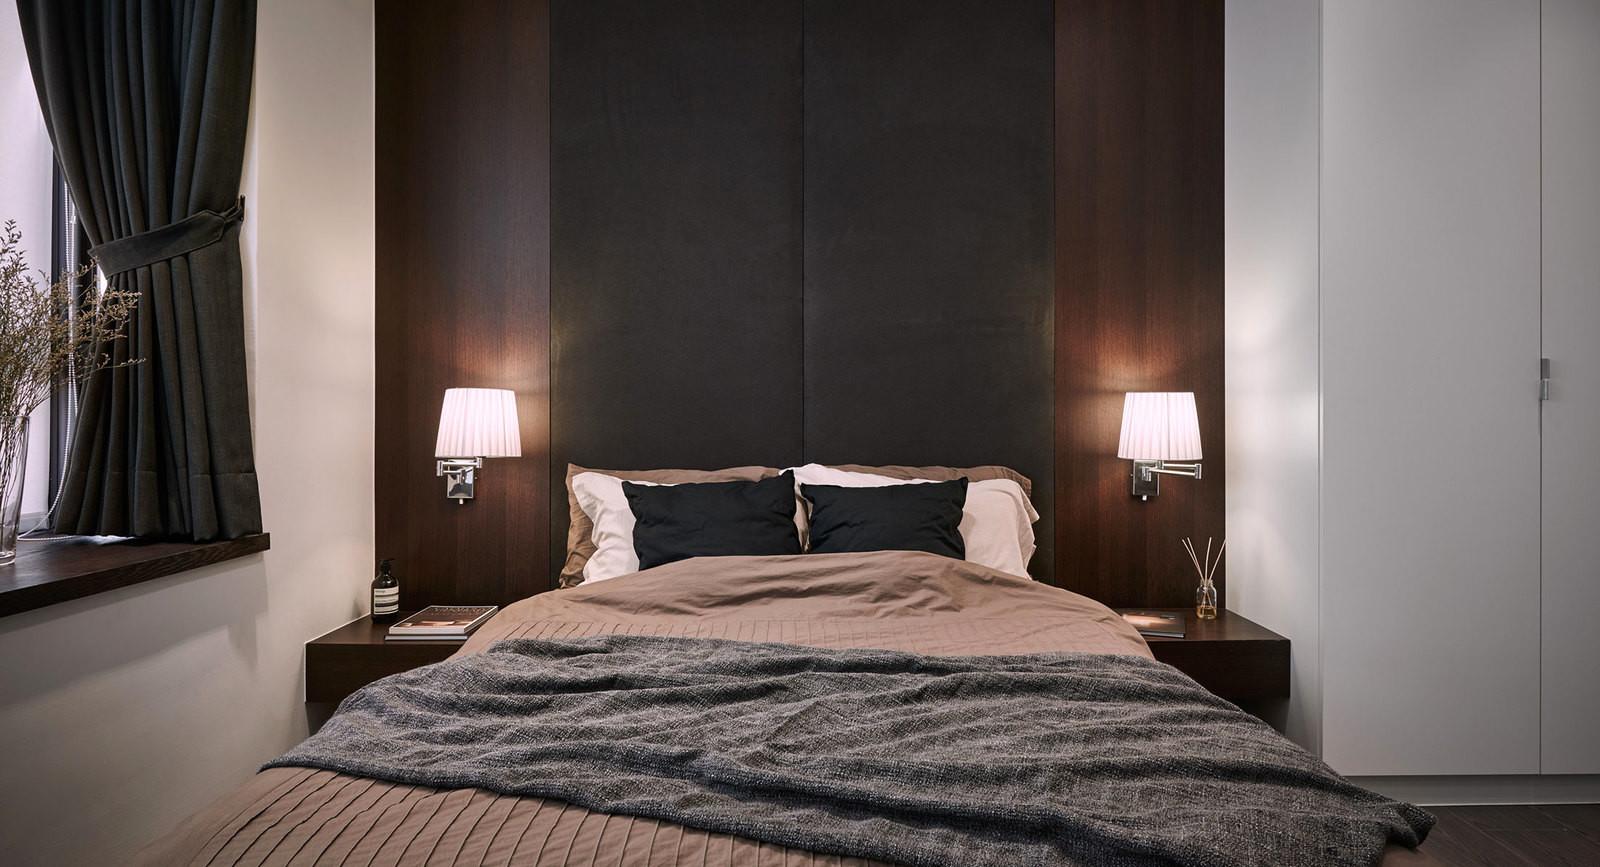 etaj-ot-kashta-s-moderen-i-prostoren-interioren-dizain-120-911g